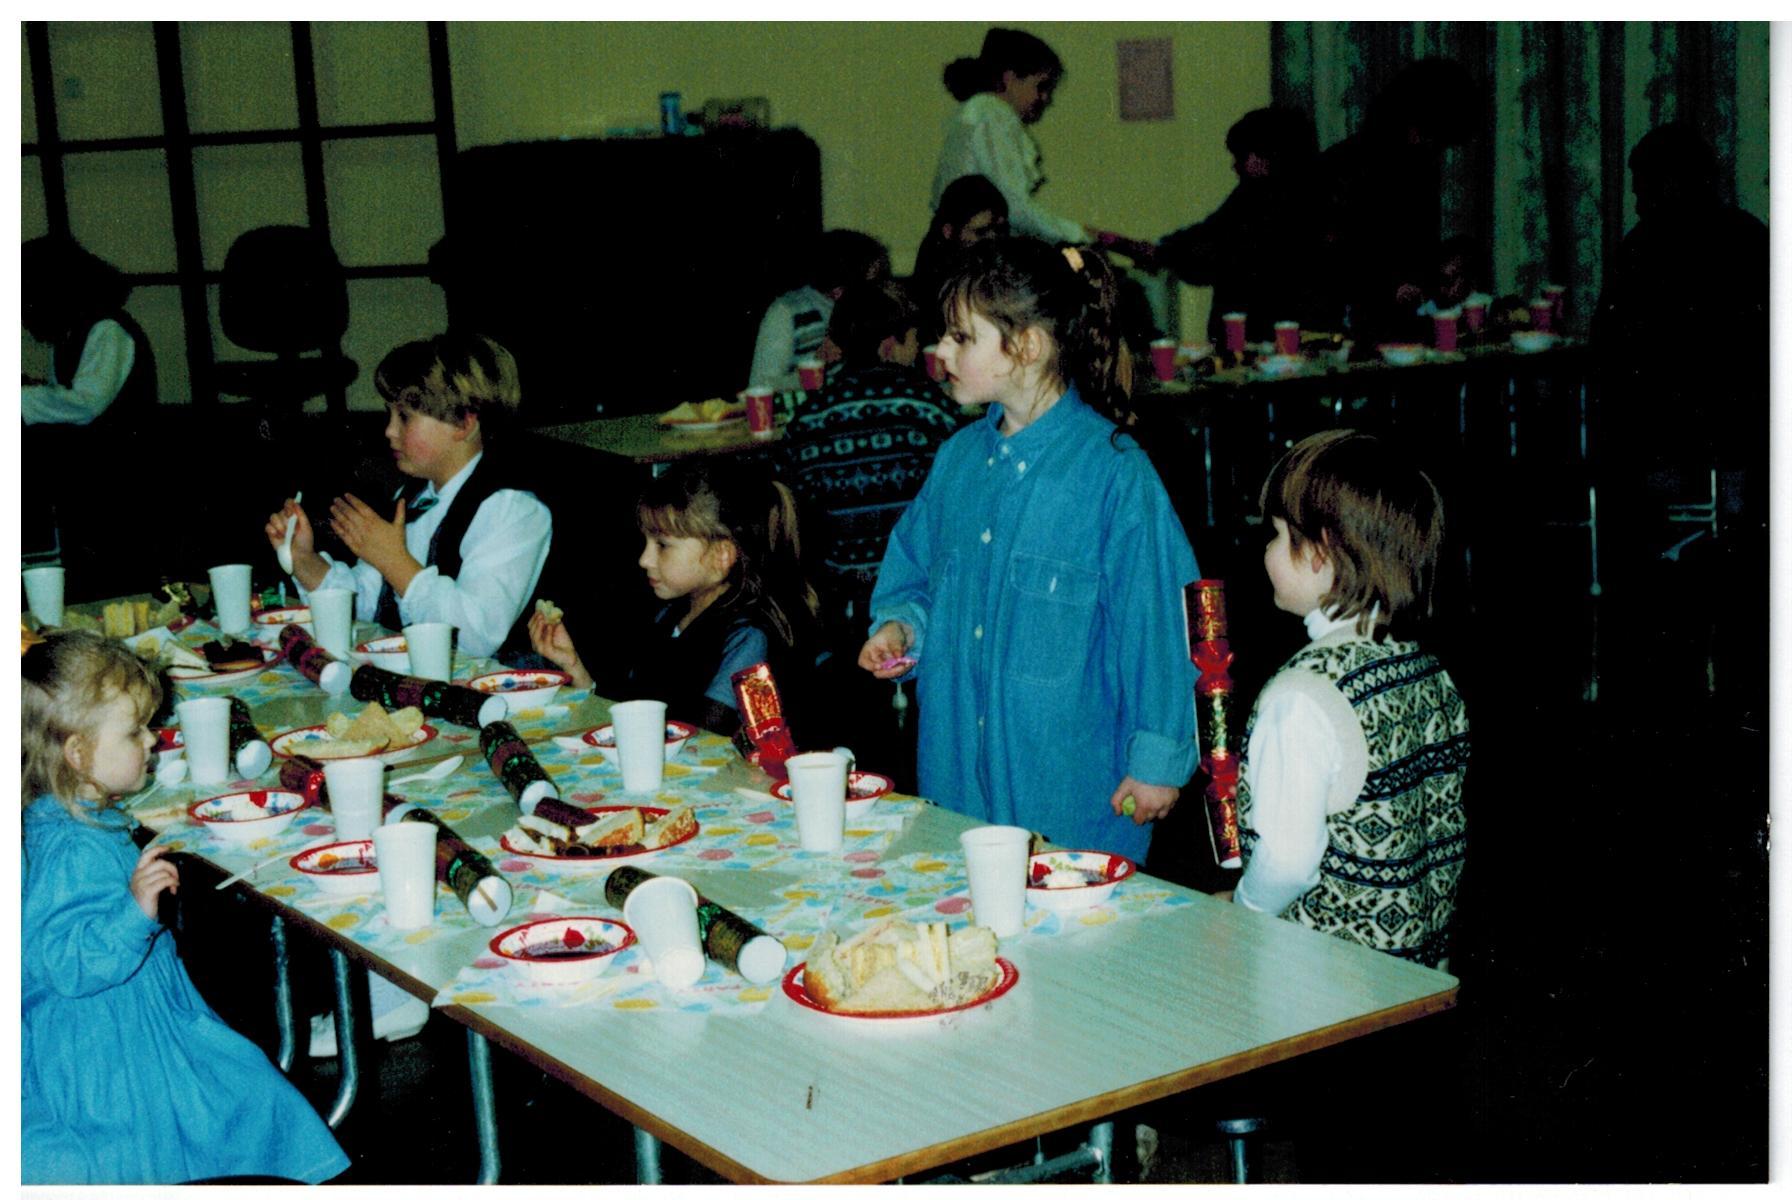 I032_Xmas-Party-1995